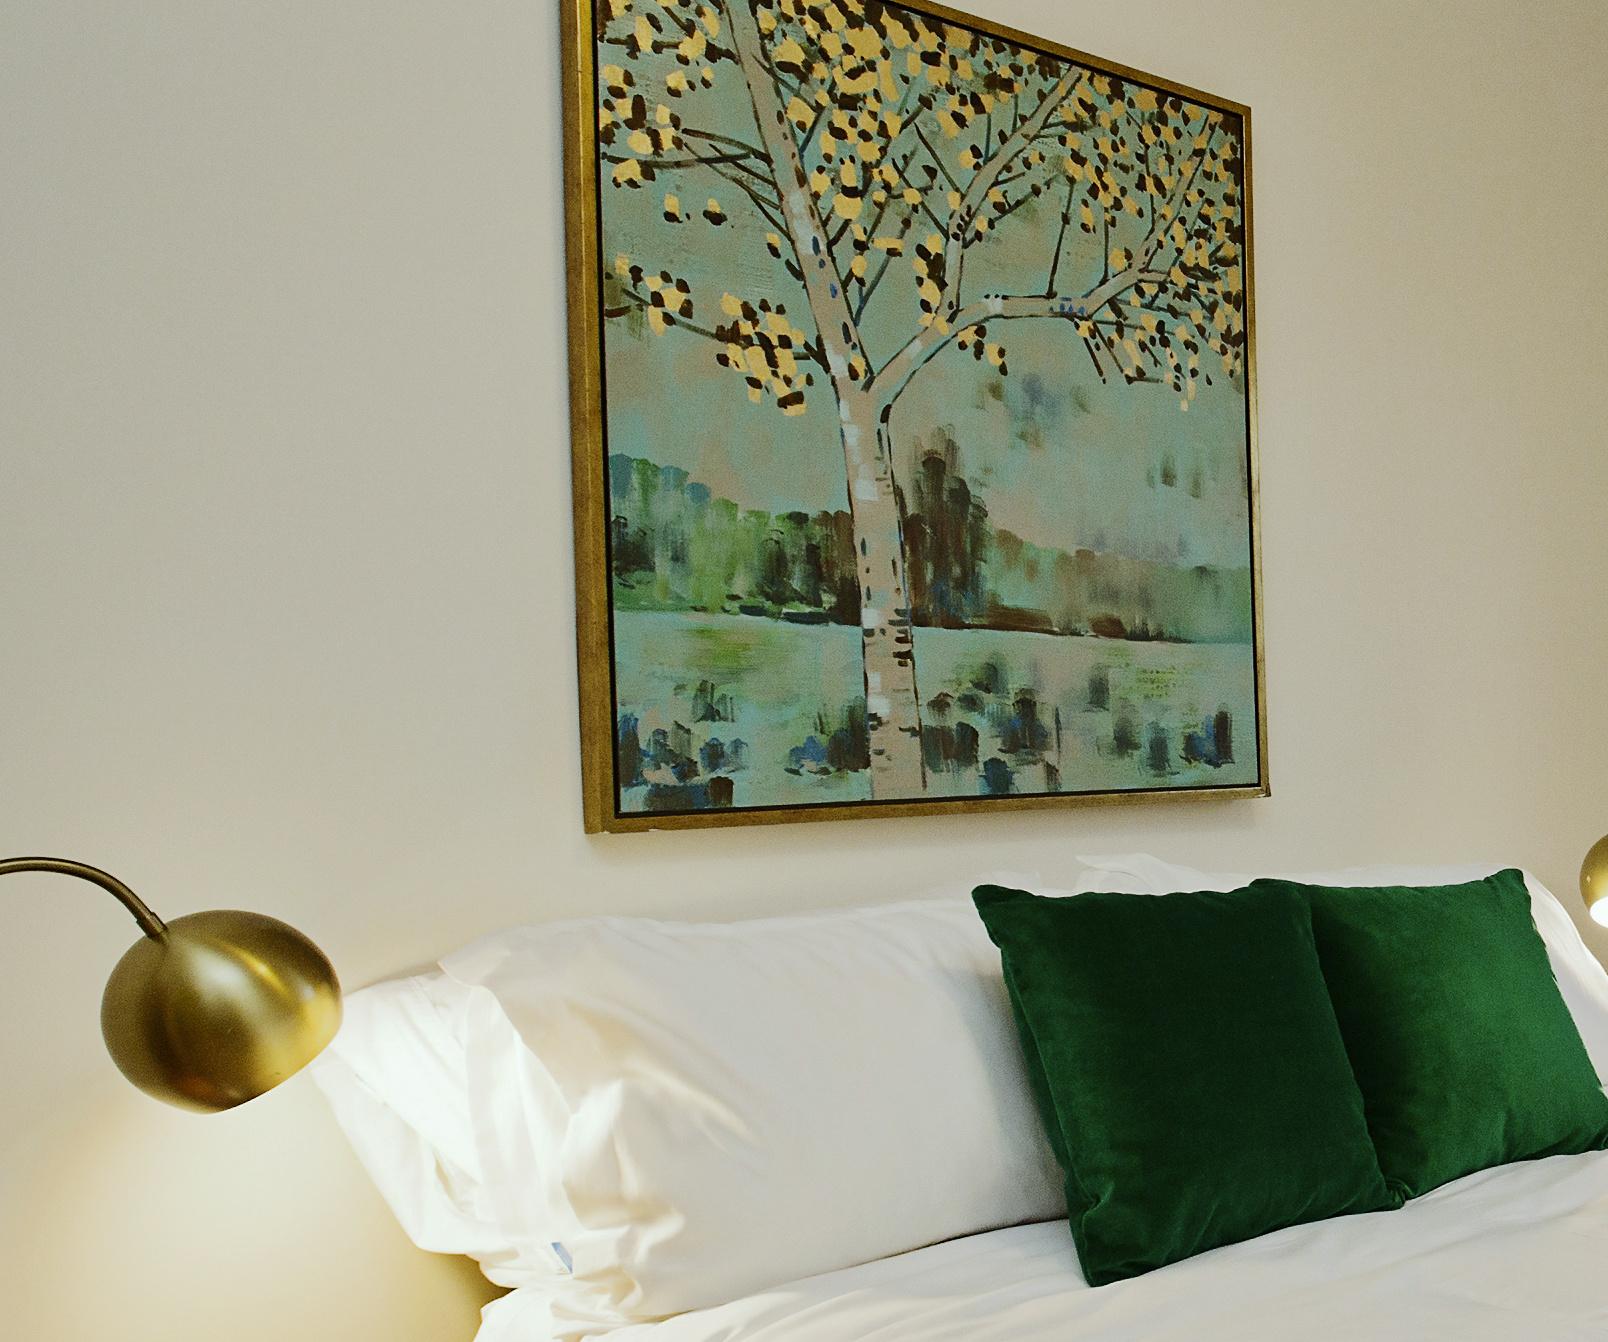 green-bedroom-pillows.JPG